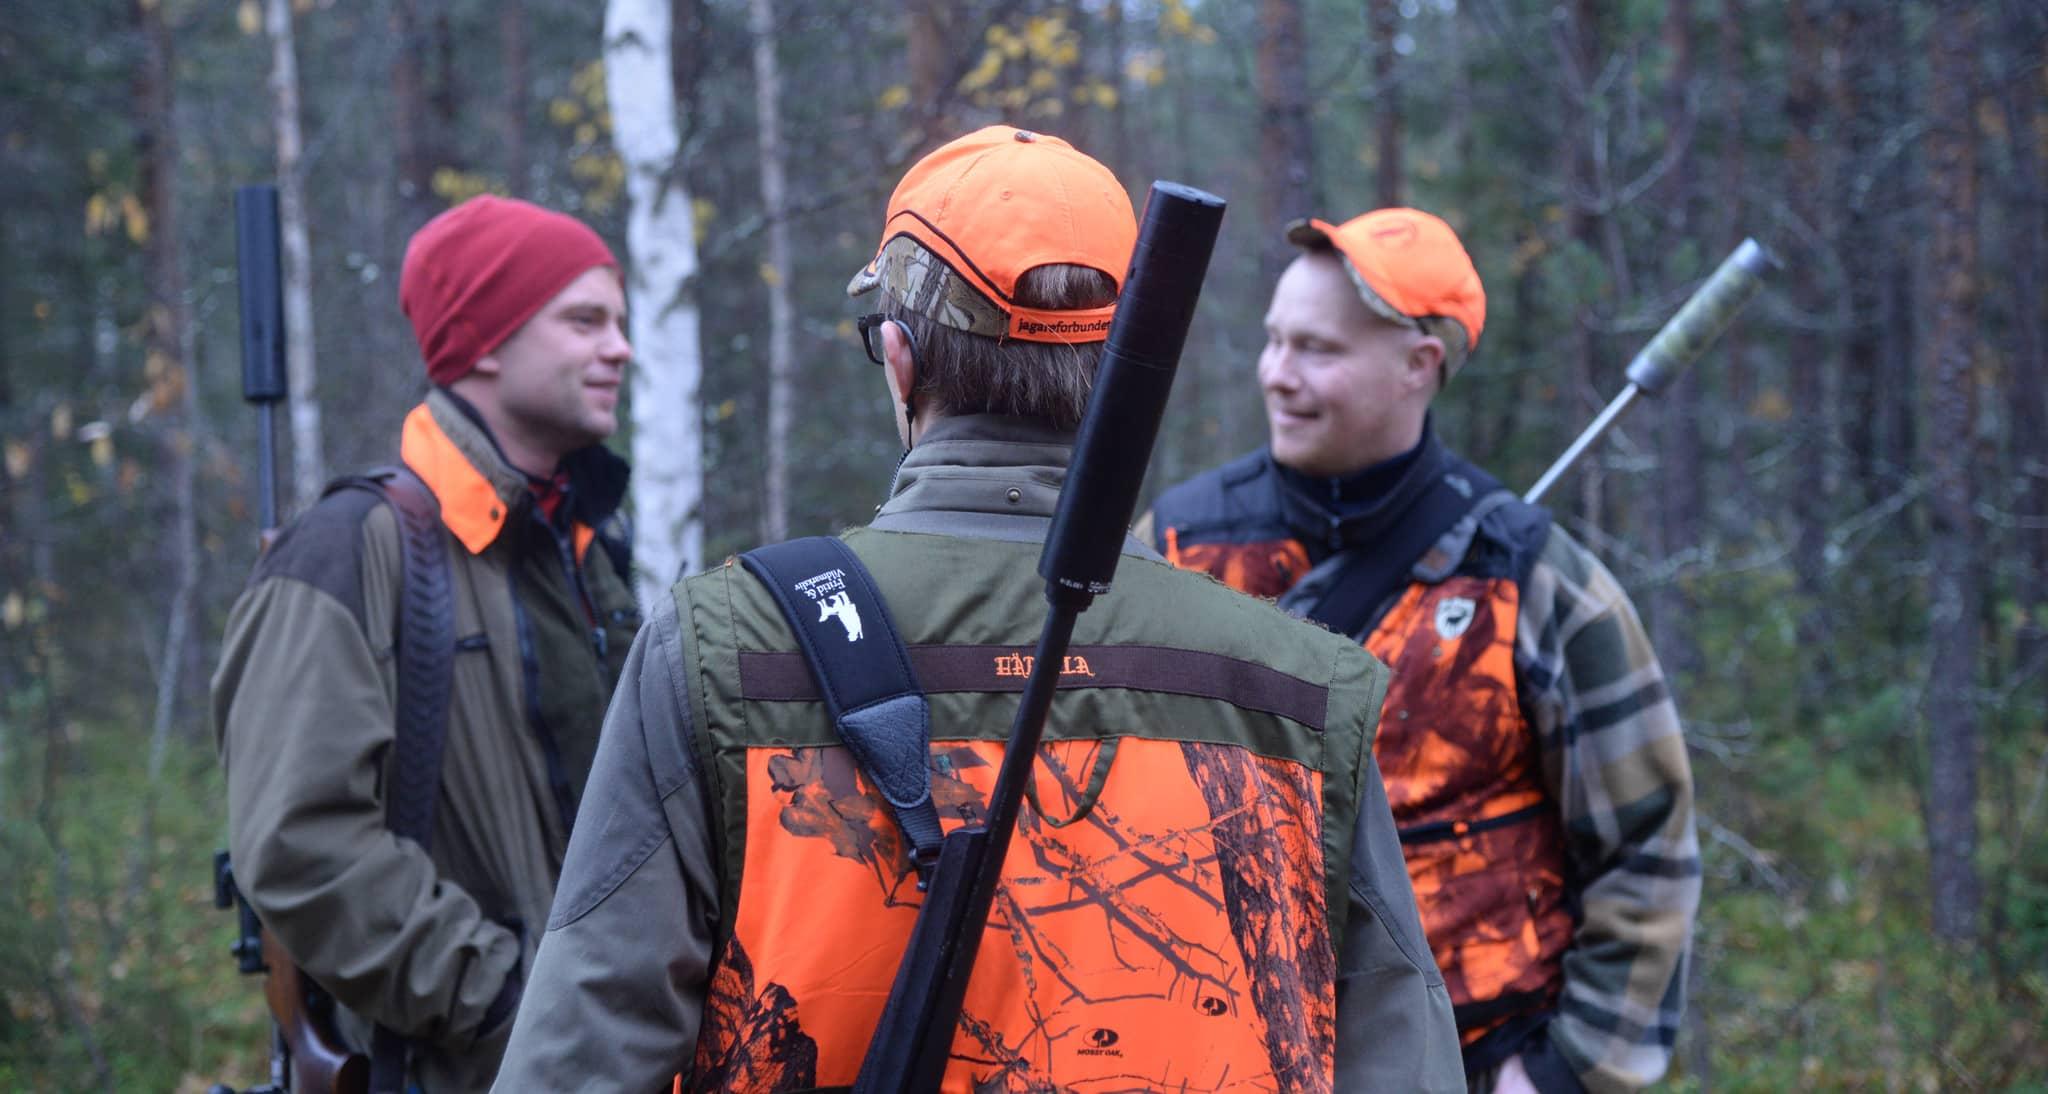 Acceptansen för jakt är rekordhög i Sverige. Men frågan är om partiernas ledningar alltid lyssnar på sina väljare?